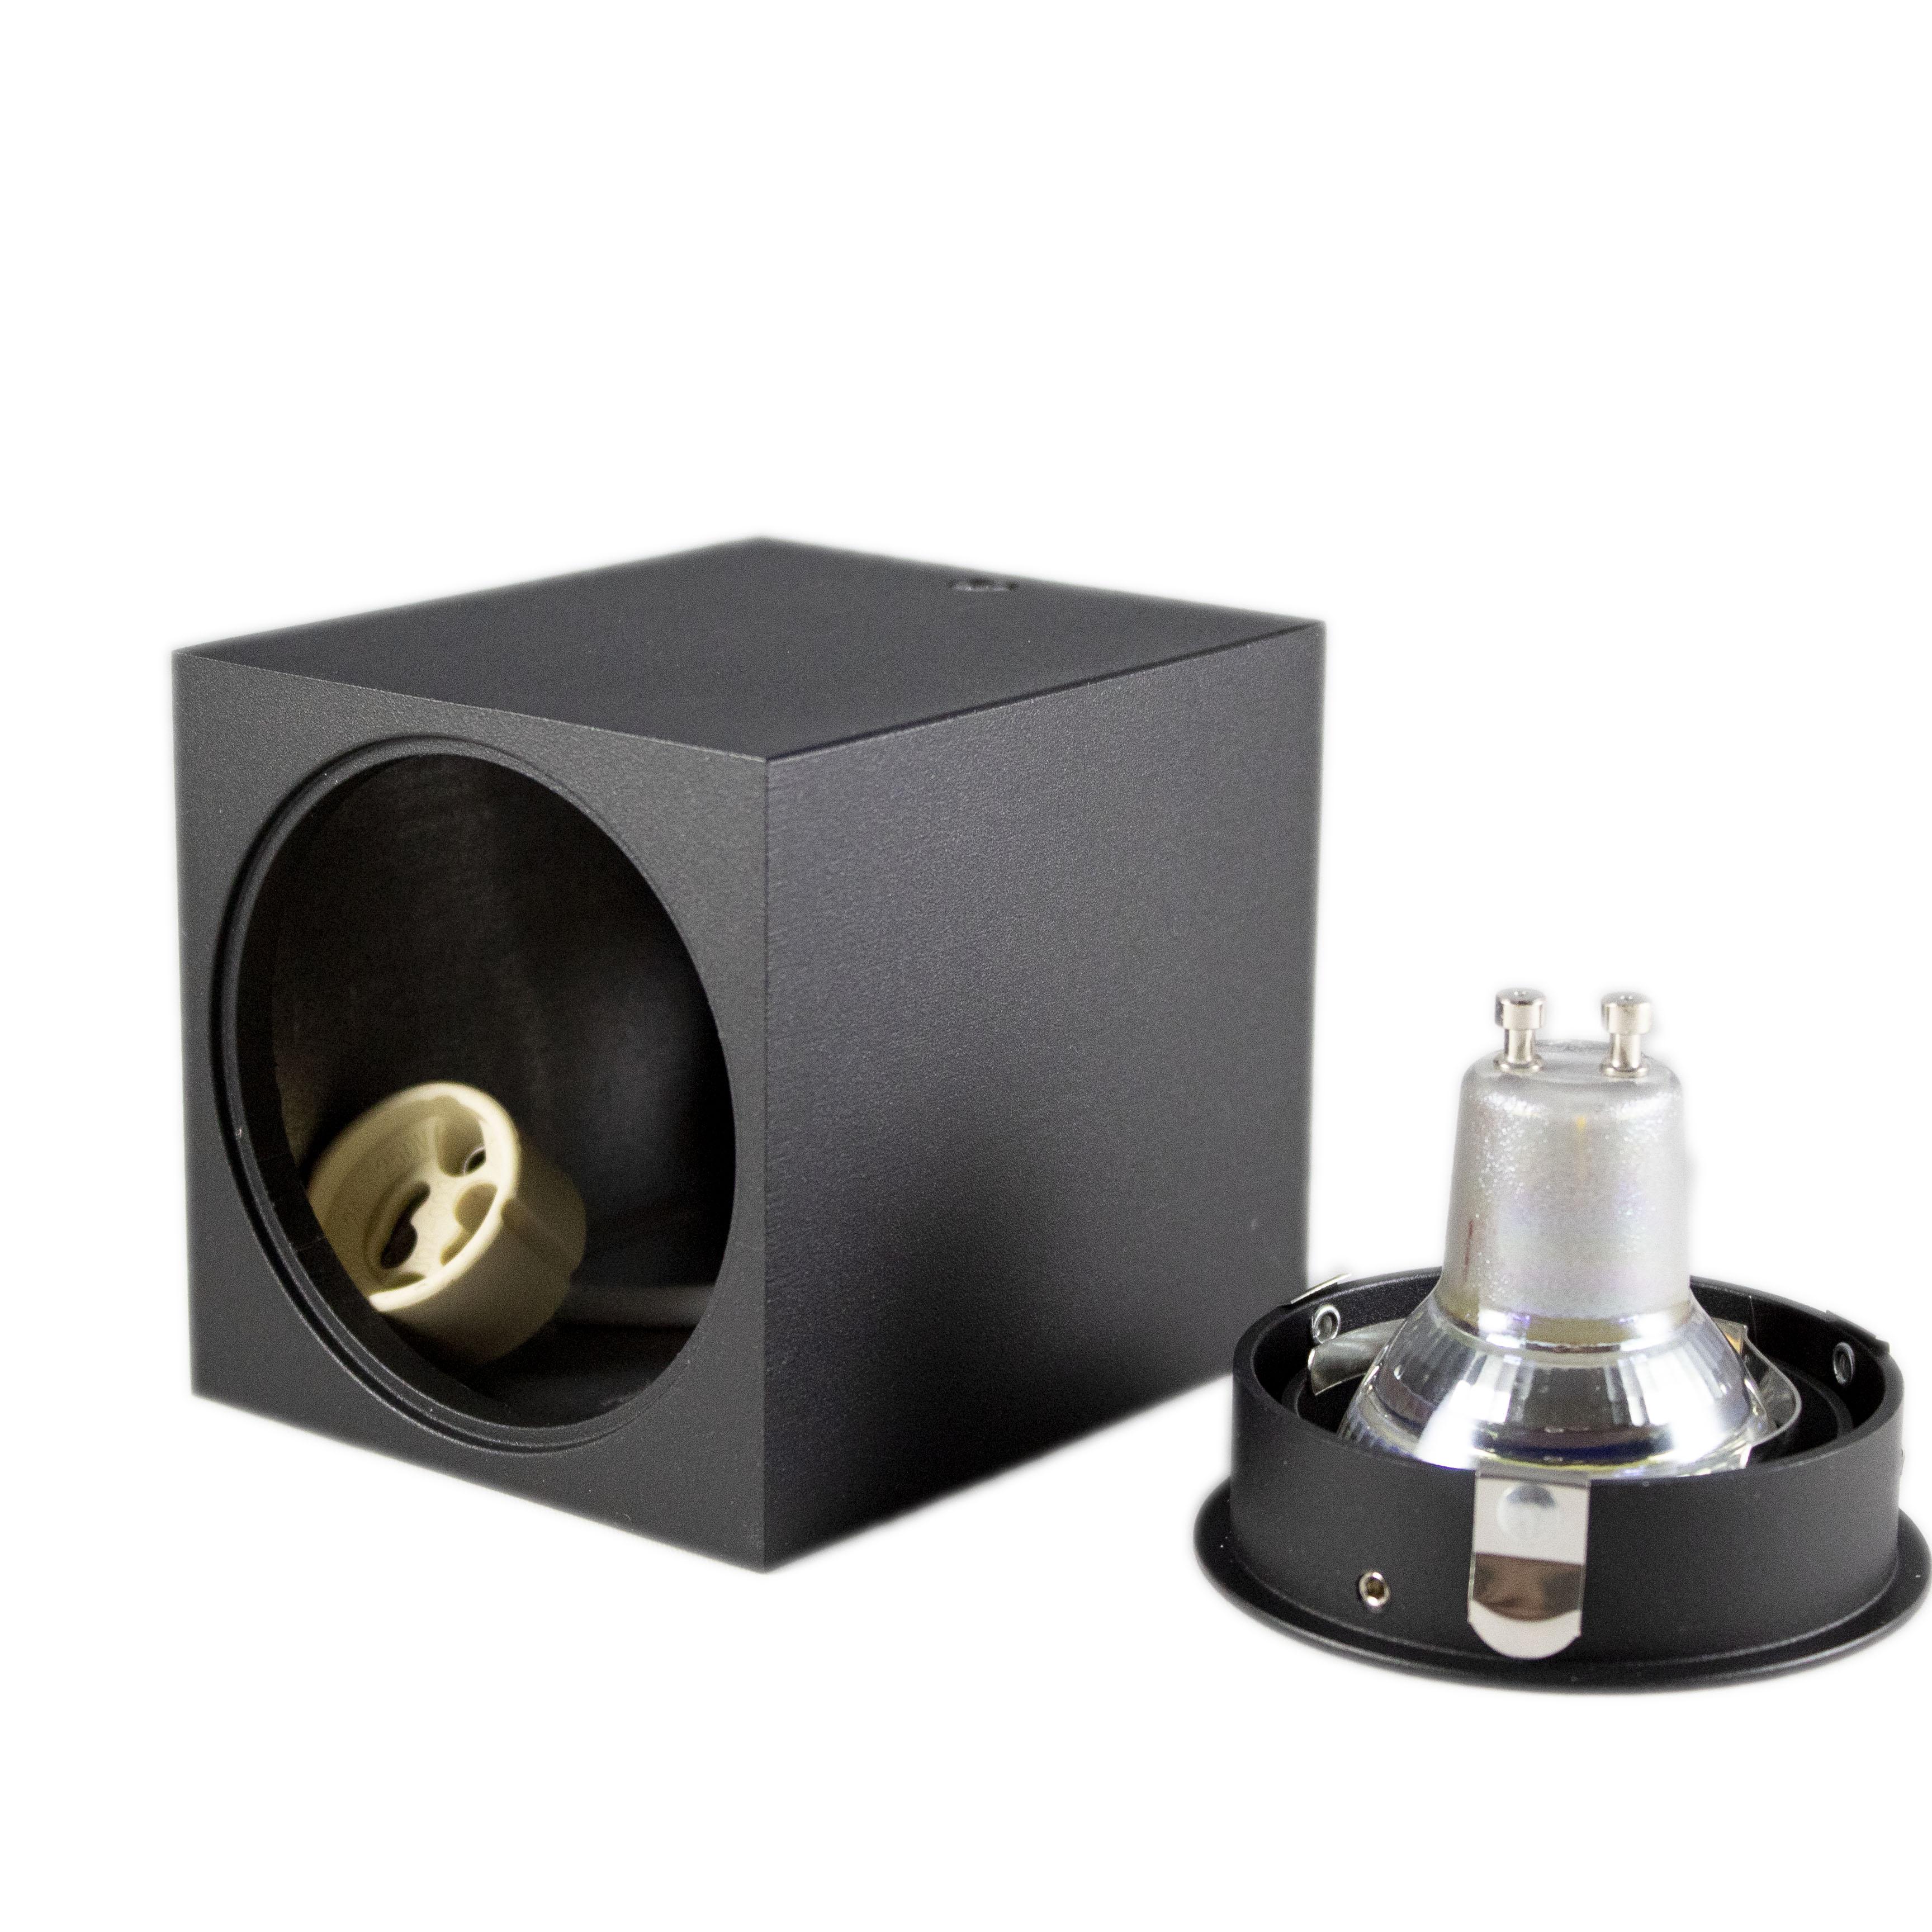 Opbouw spot armatuur zwart vierkant kantelbaar GU10 fitting - inclusief spot